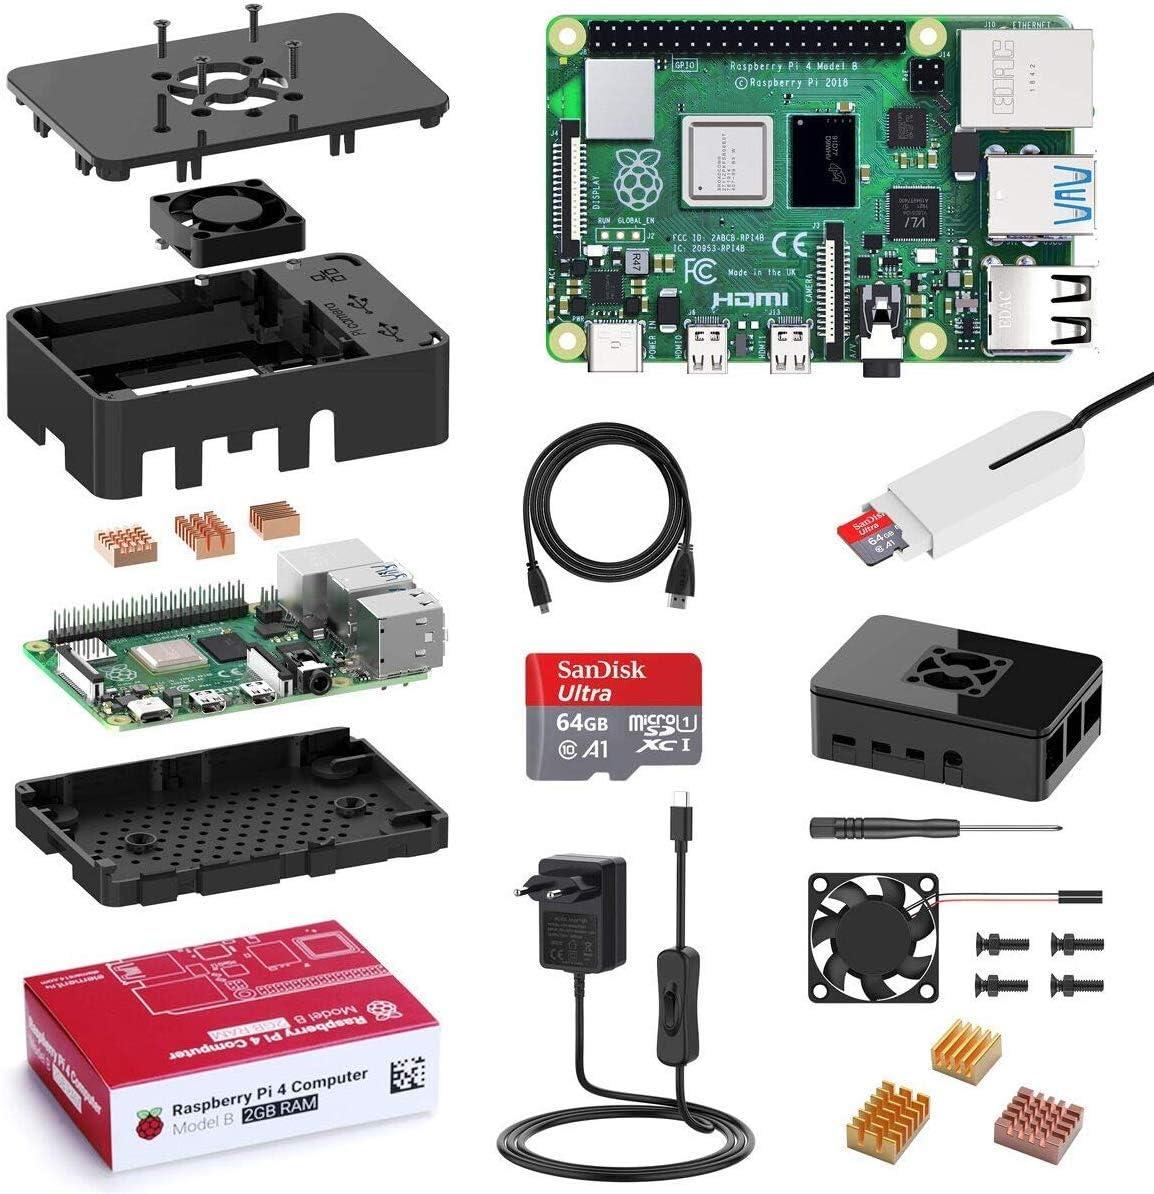 Bqeel Raspberry Pi 4 Model B 【2GB RAM+64GB SD Card 】con HD 4K,BT 5.0,WiFi 2.4G/5G/1000M Ethernet,2*USB 3.0/USB 2.0,USB-C Adaptador de Corriente con Interruptor